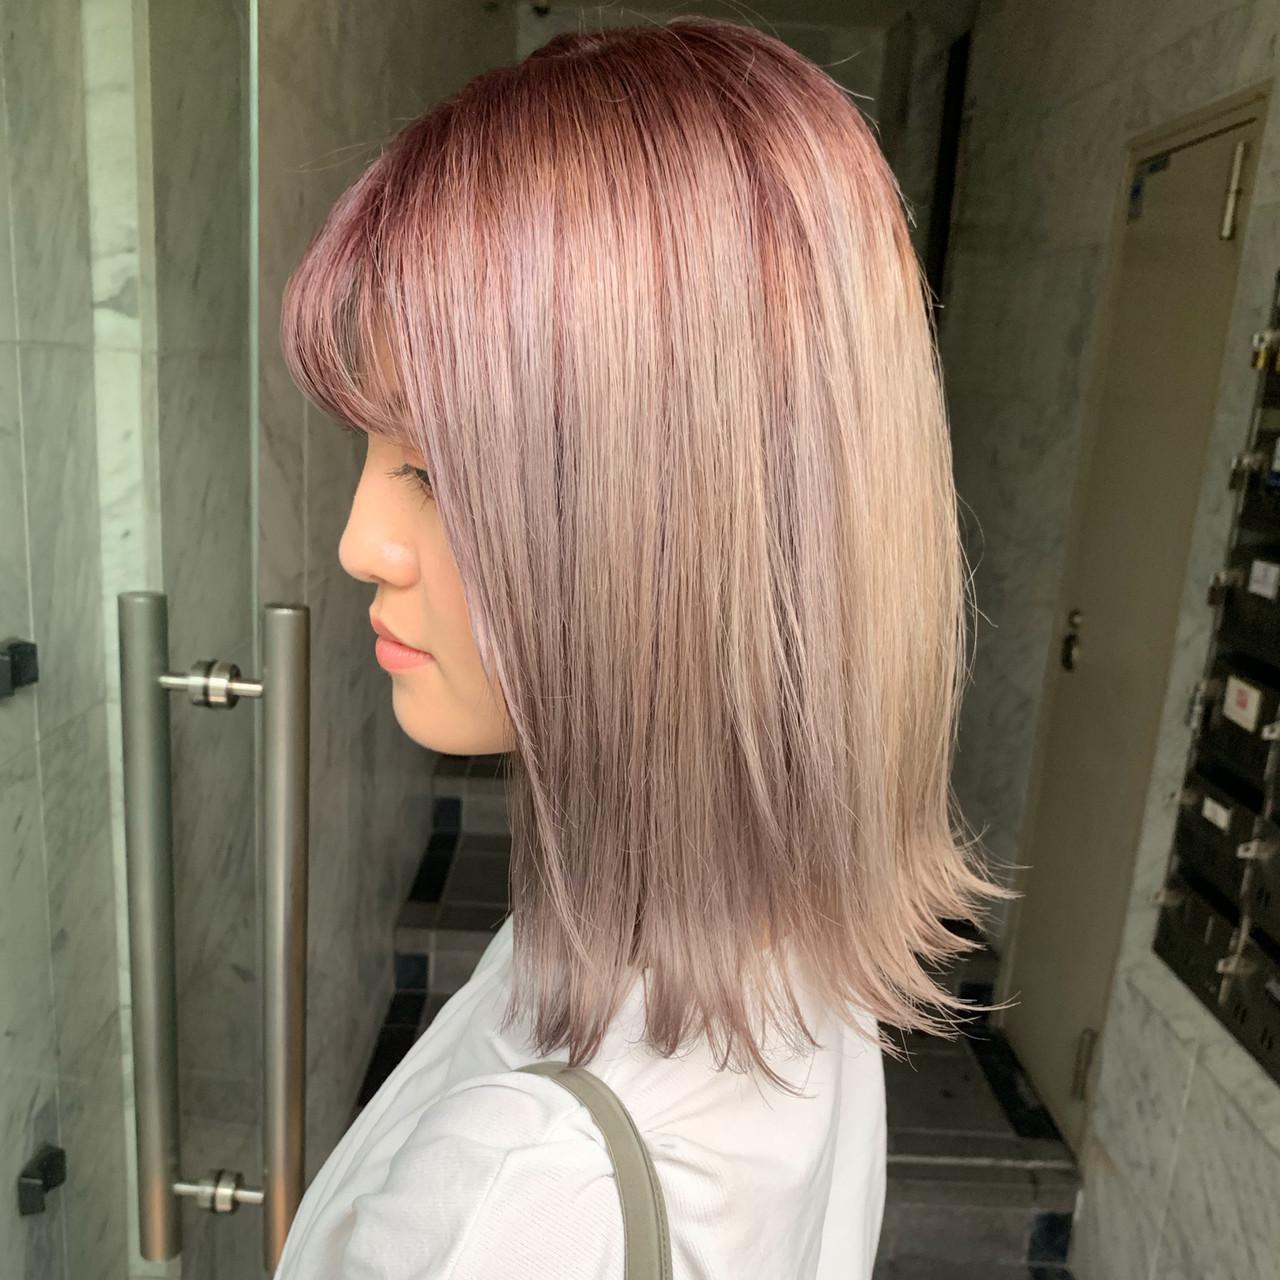 ストリート ハイトーンカラー カジュアル 透明感カラー ヘアスタイルや髪型の写真・画像